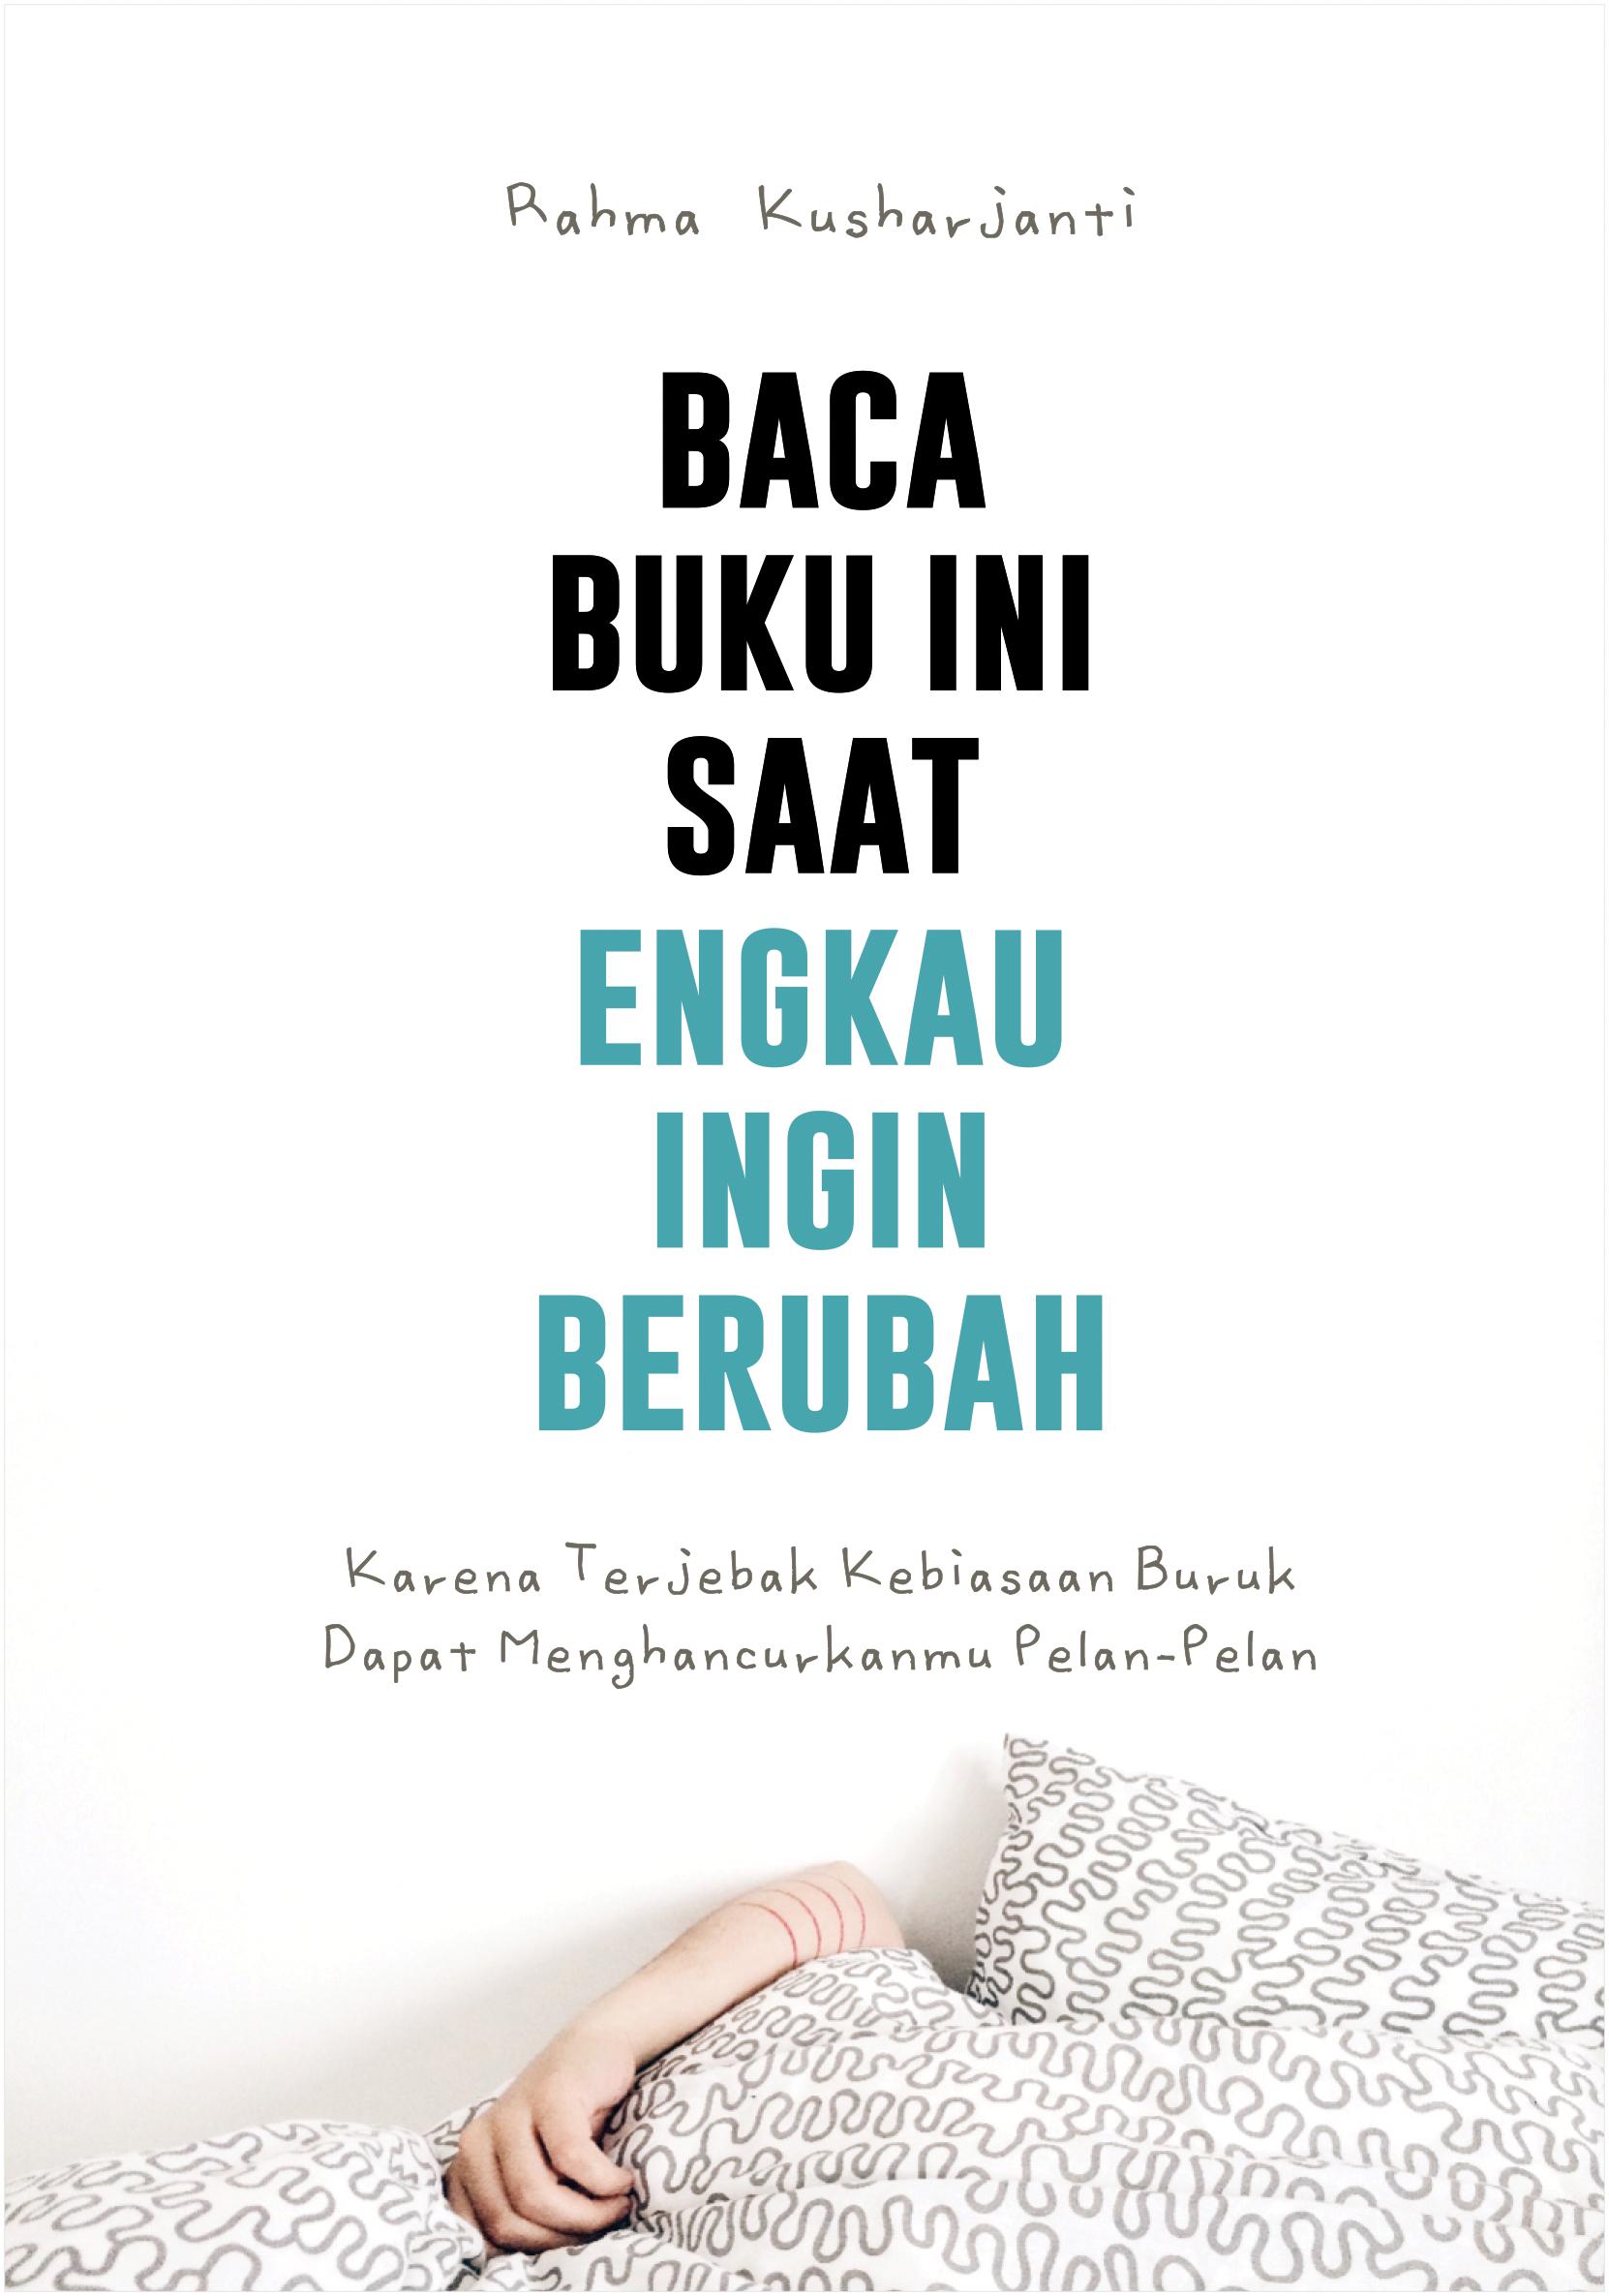 Baca buku ini saat engkau ingin berubah [sumber elektronis]